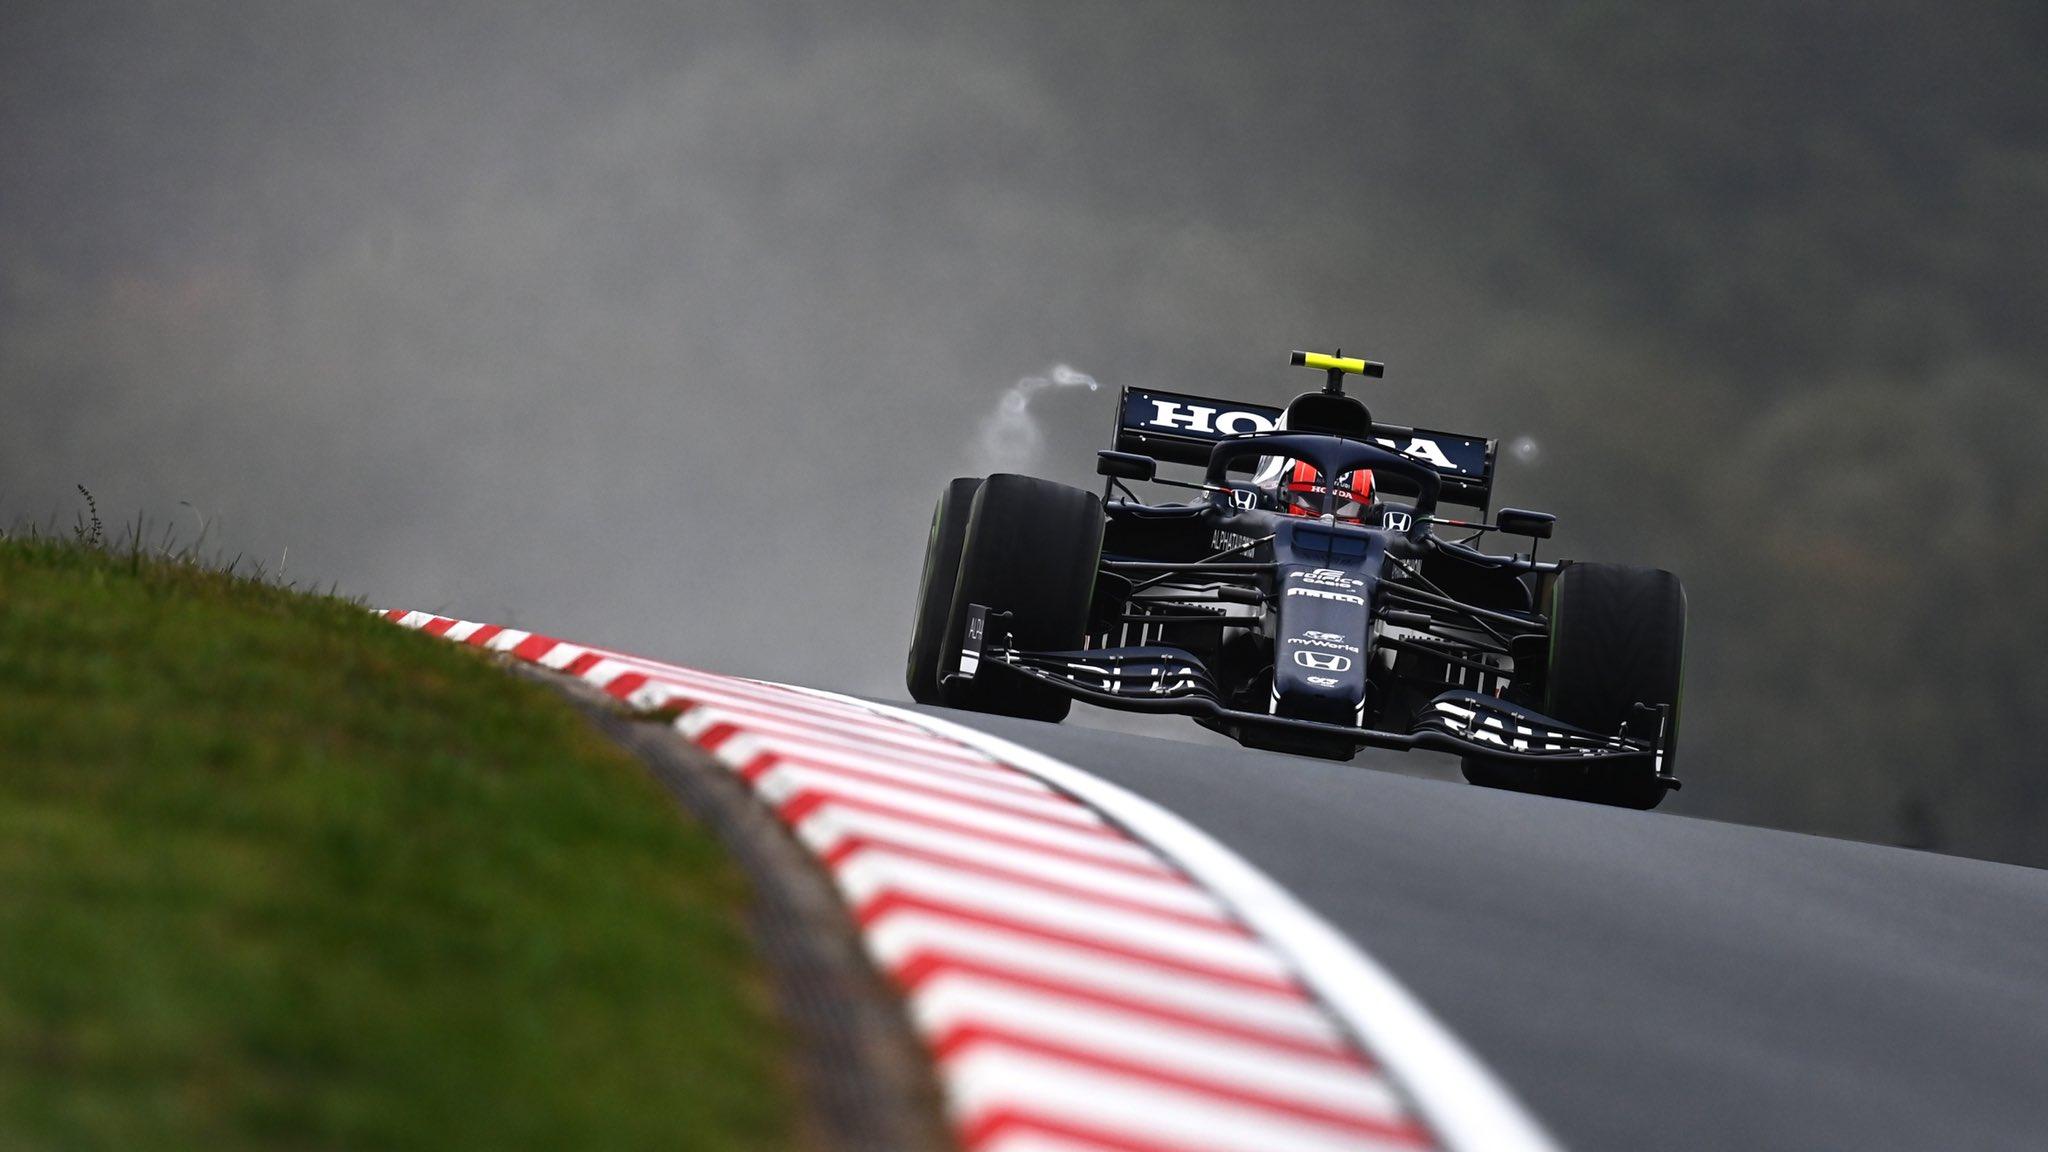 F1 - Double pénalité pour Pierre Gasly au Grand Prix de Turquie